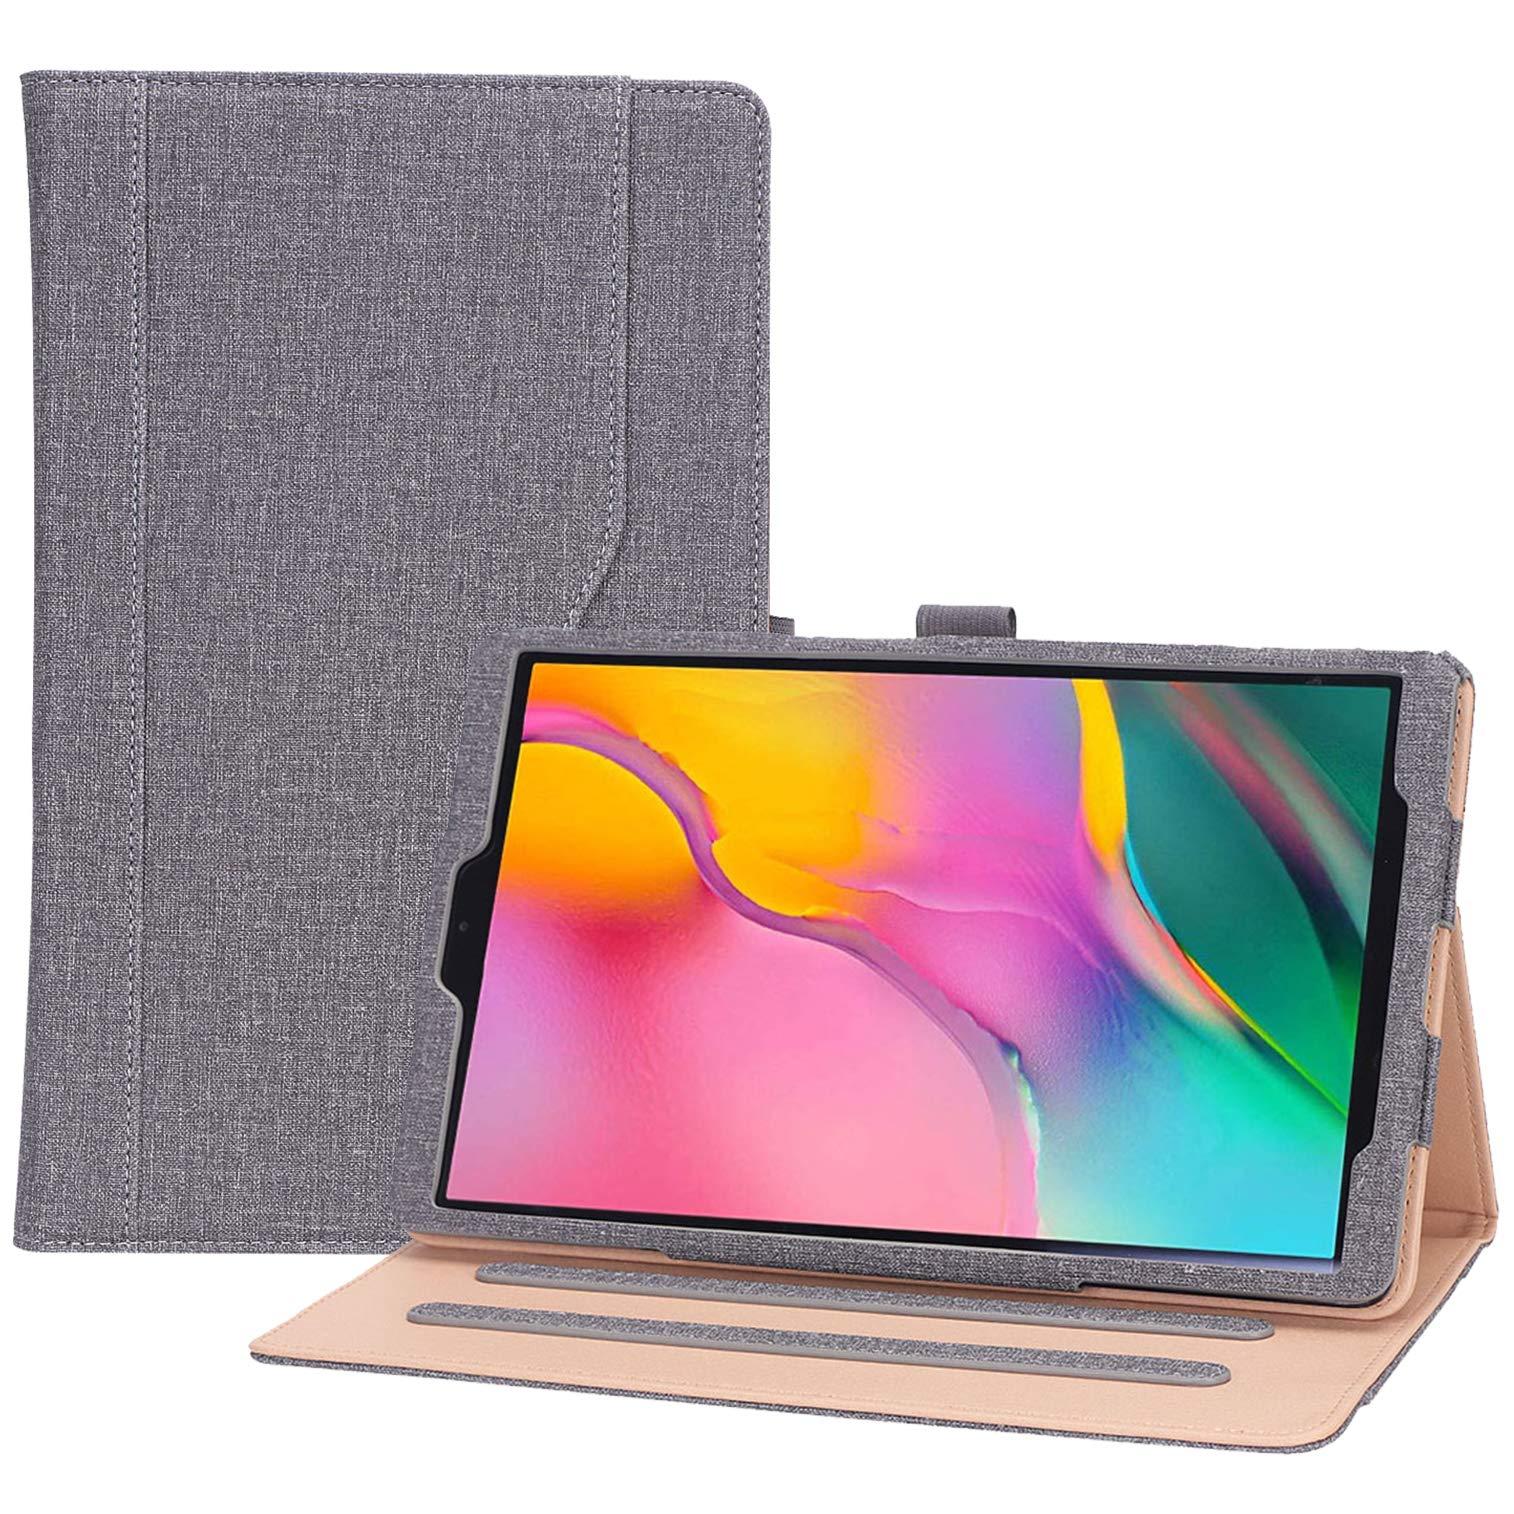 Funda Samsung Galaxy Tab A 10.1 SM-T510 (2019) PROCASE [7QPN83Z6]